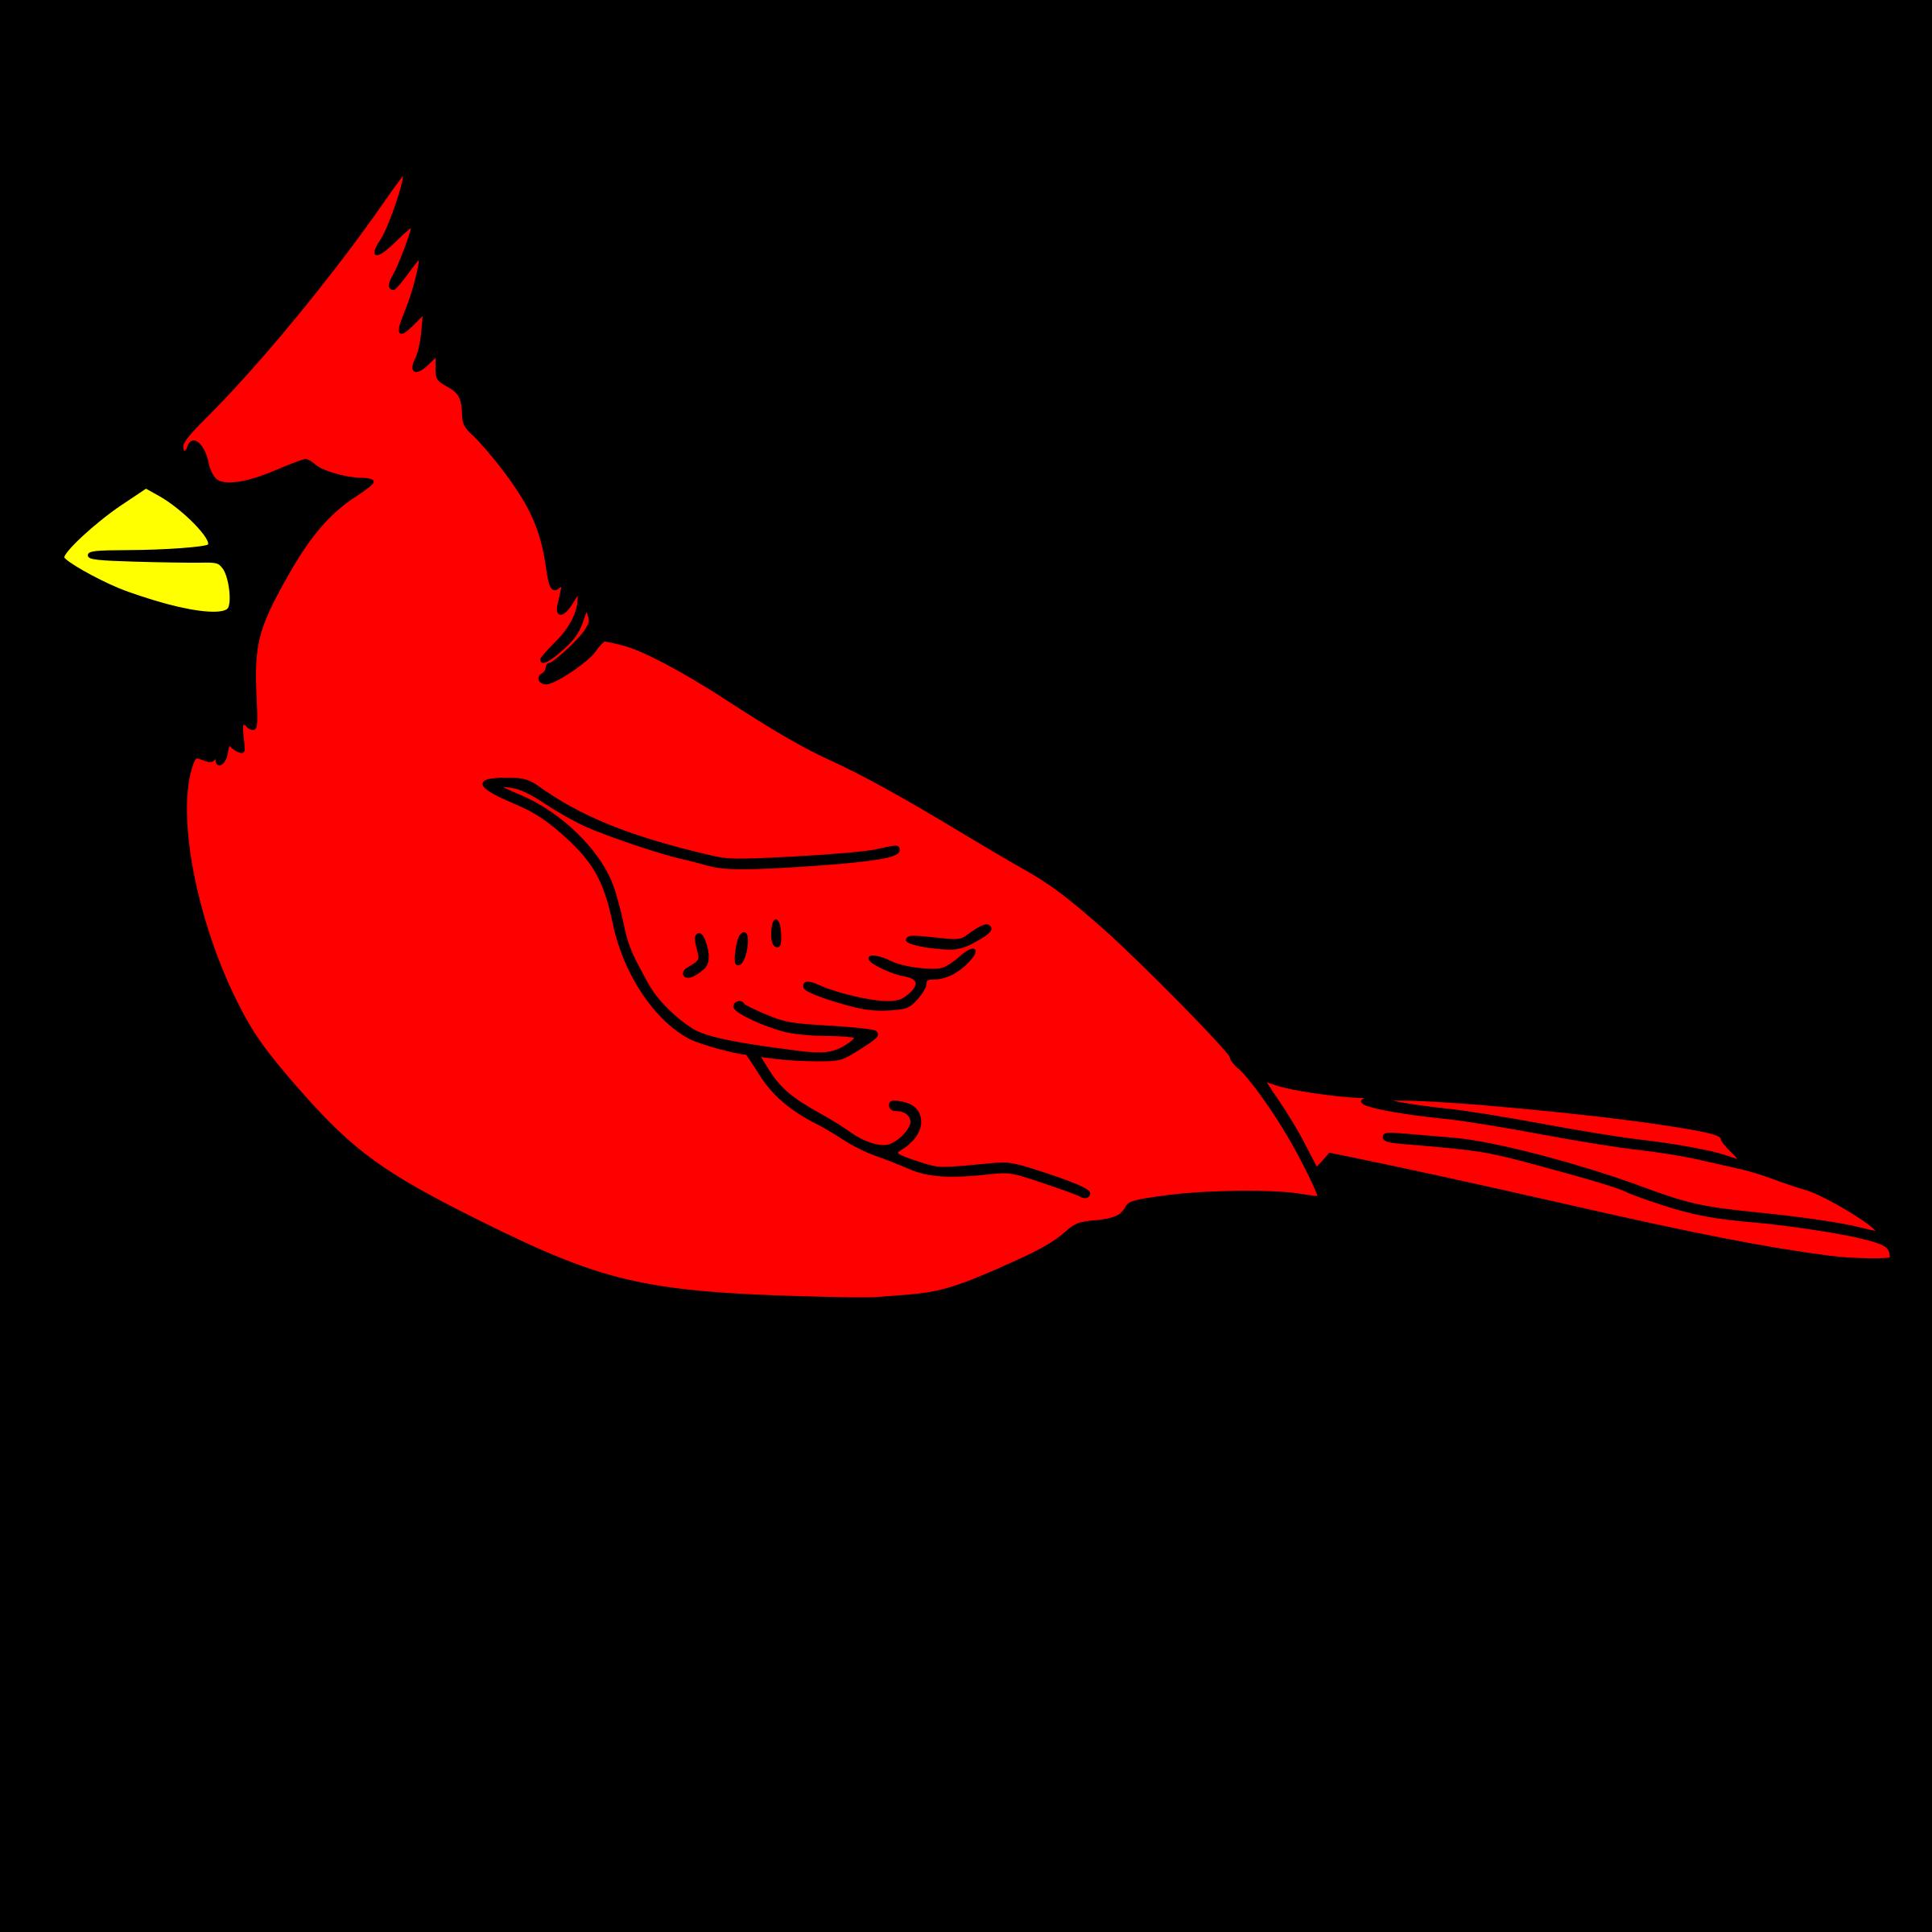 2400x2400 Clipart Cardinal Remix 1 Cardinal Clipart